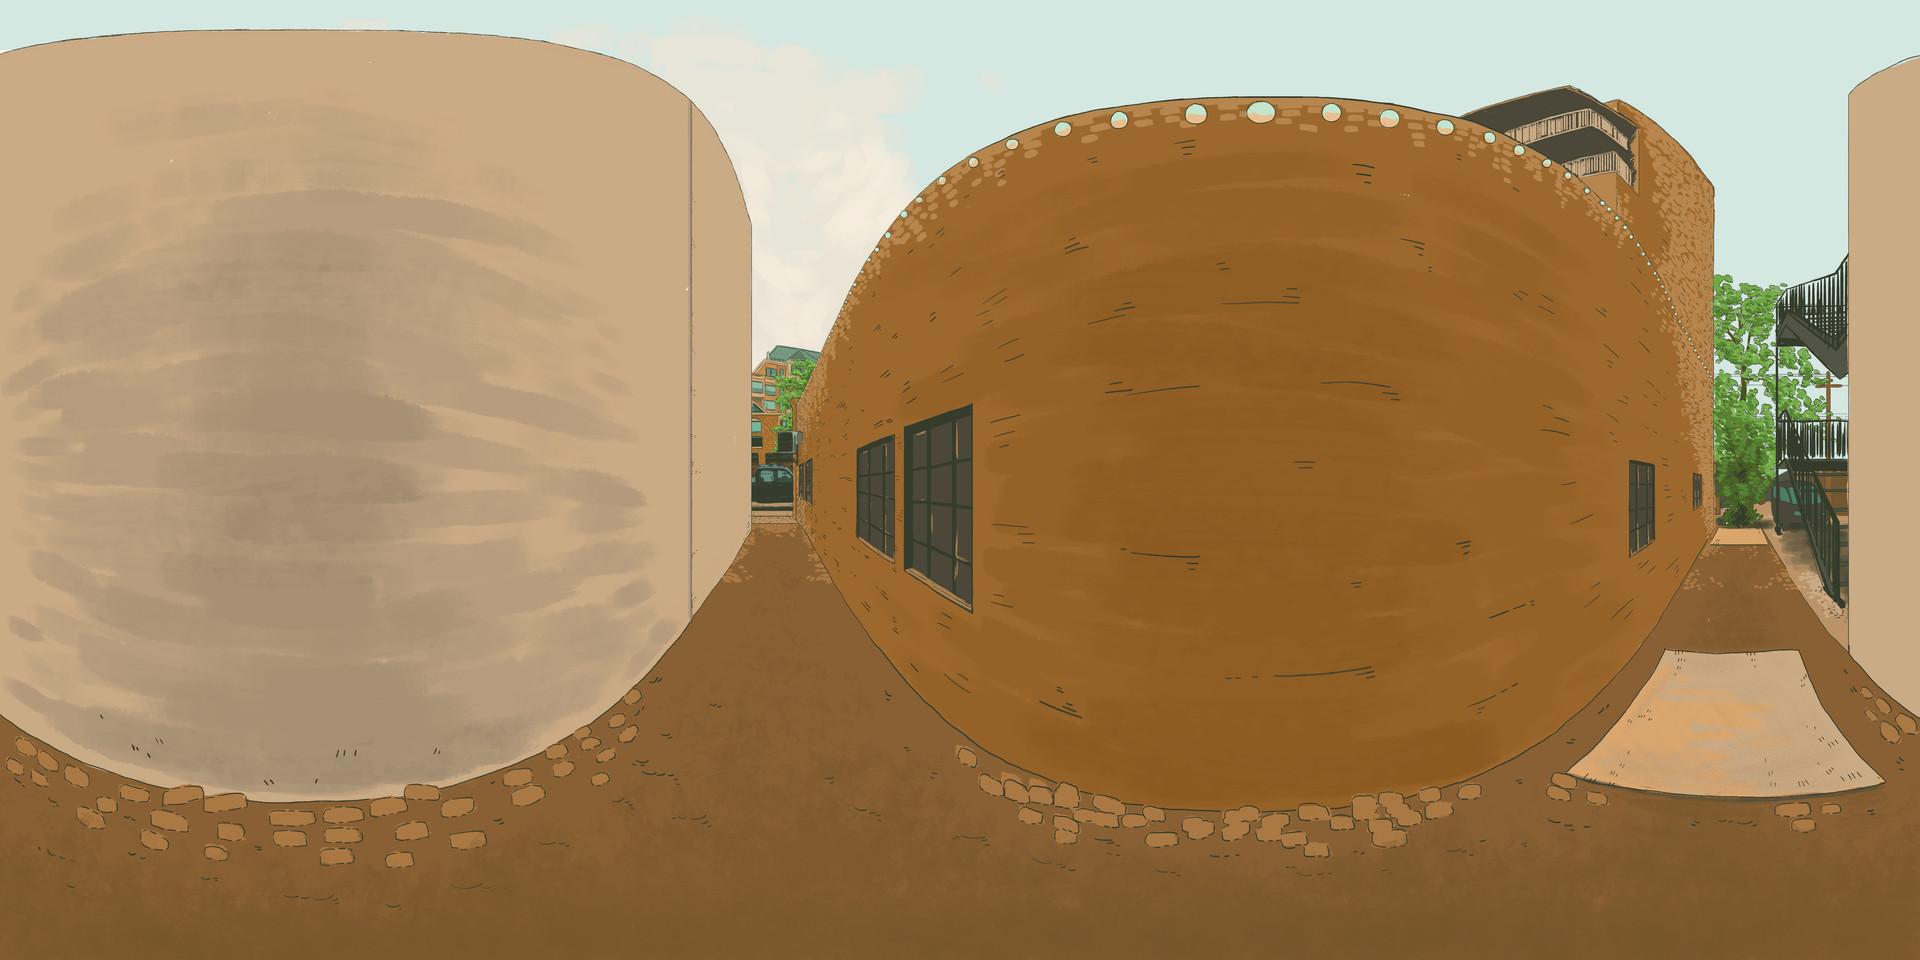 Mary lee alleyway